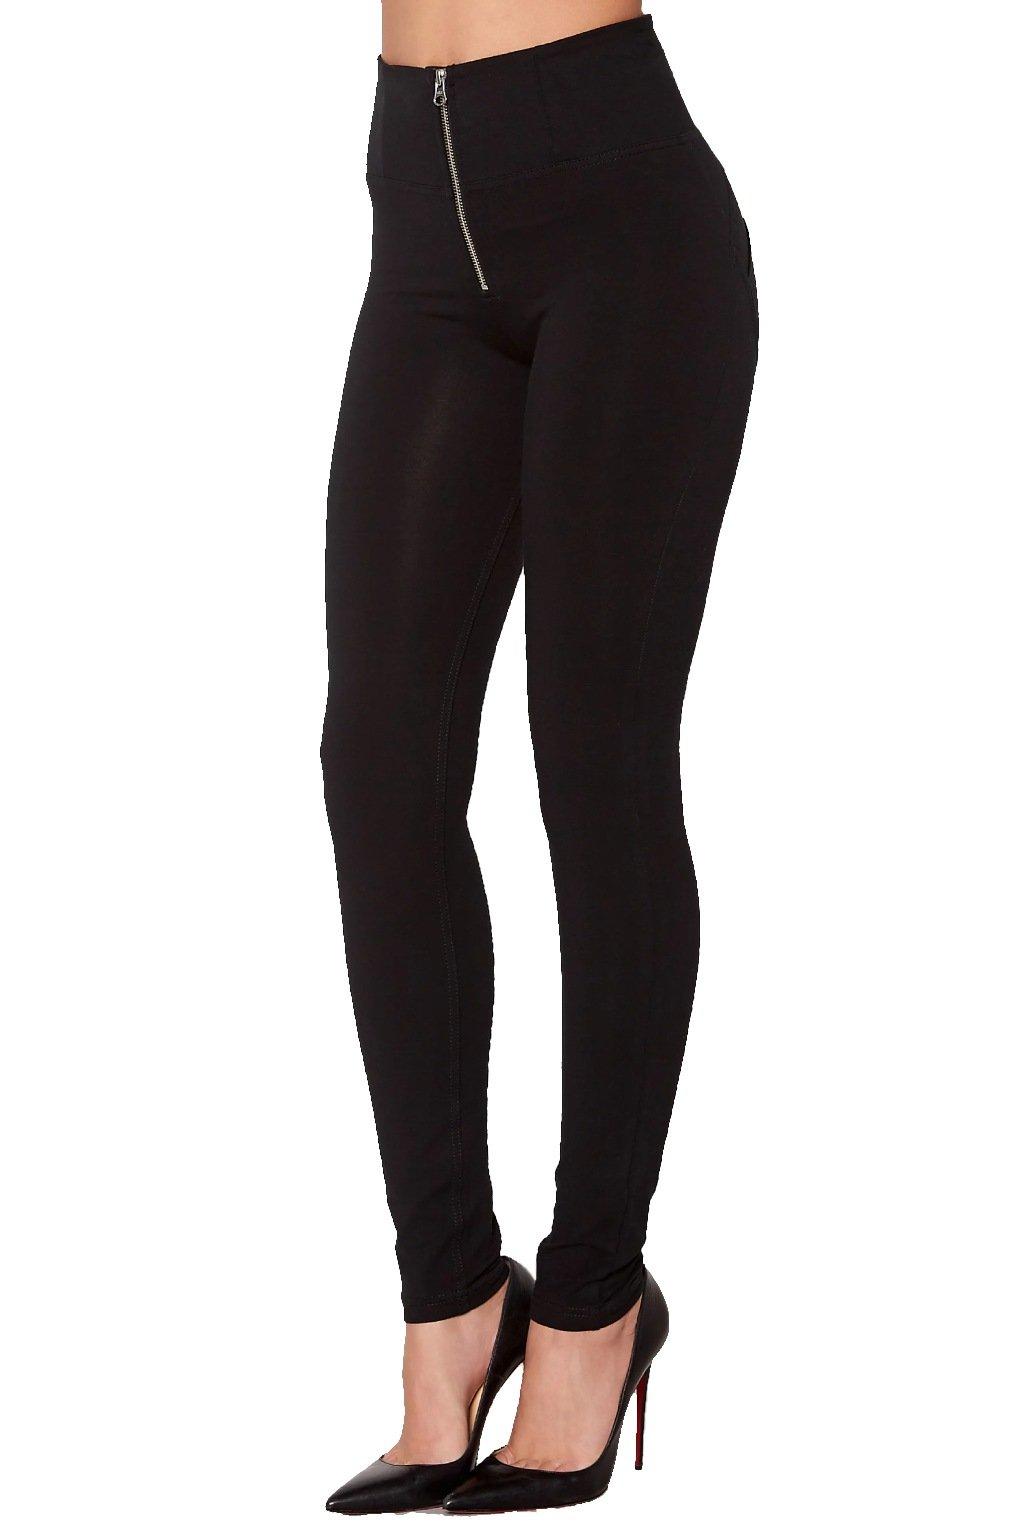 Freddy Wr.Up kalhoty - Vysoký pas - Černé (Barva Černá, Velikost - Oblečení XL)